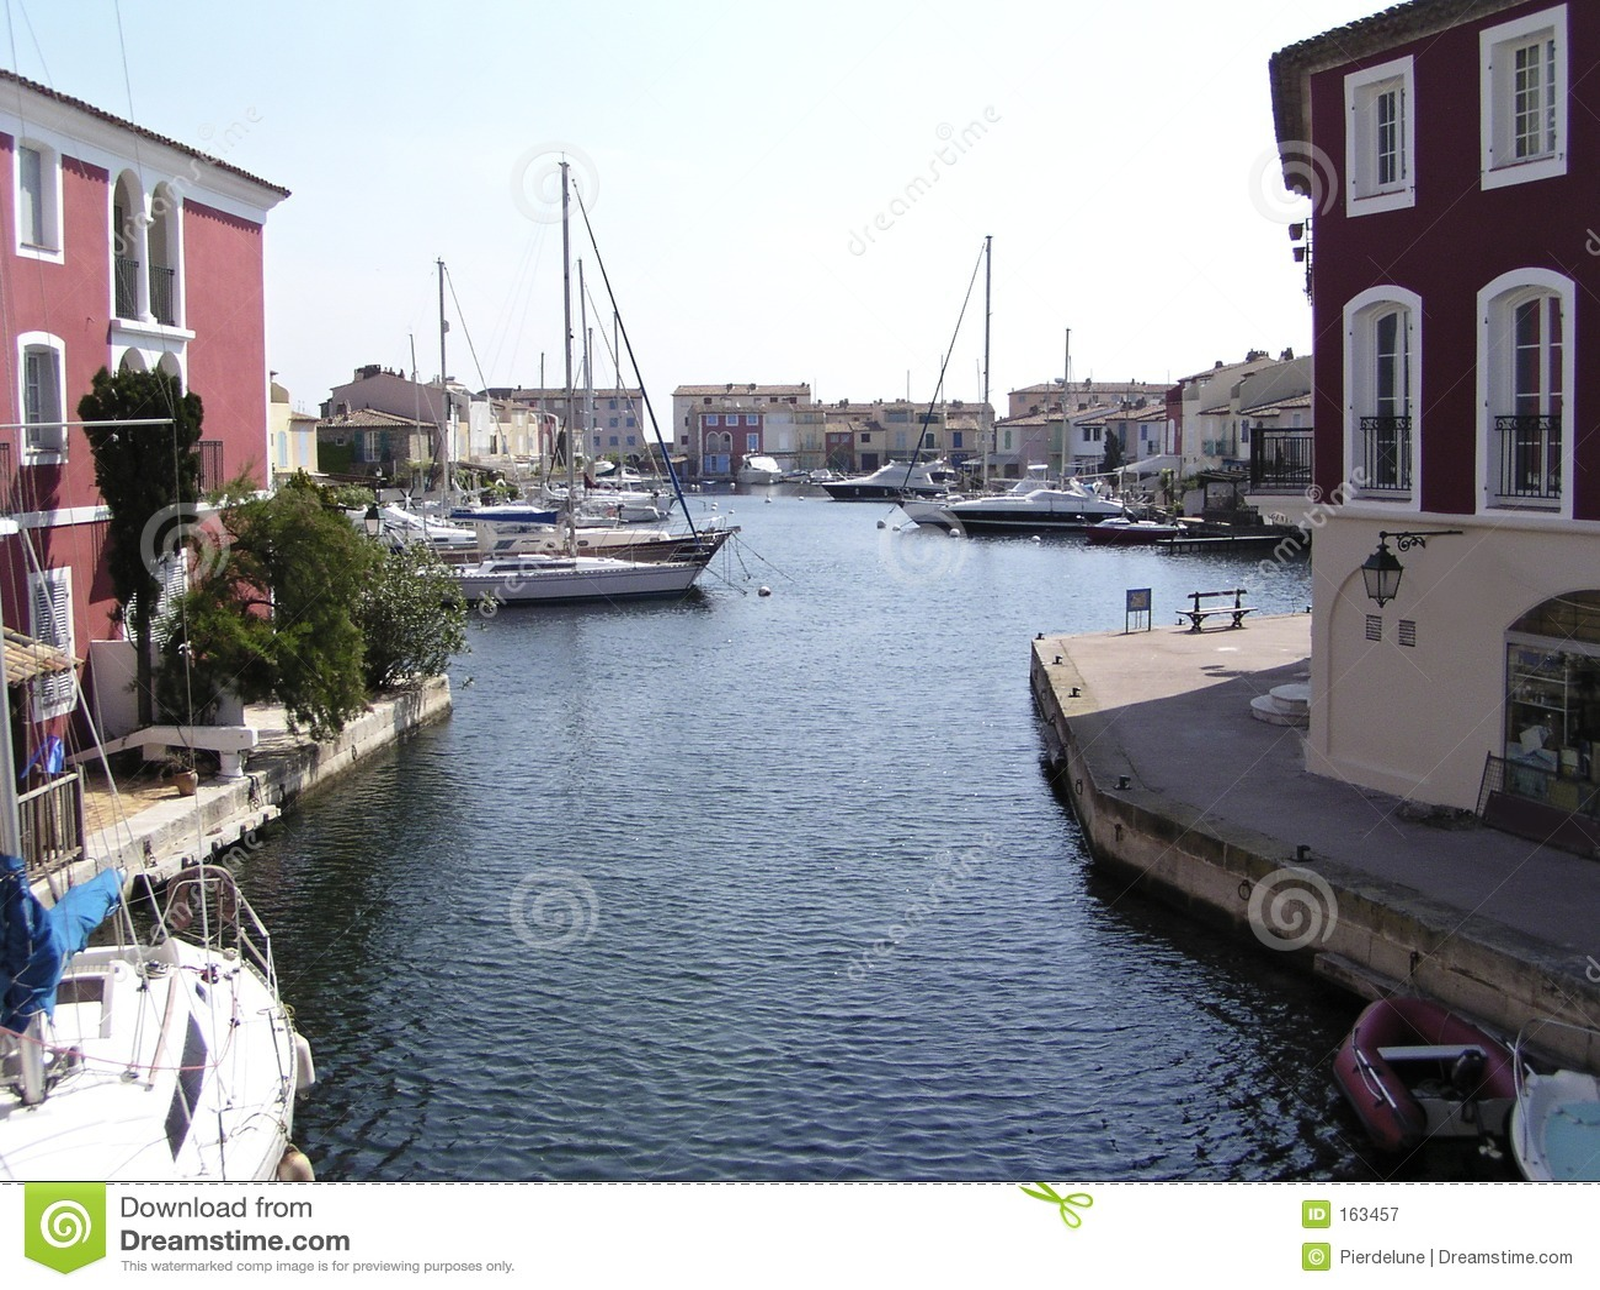 Lakeside city1